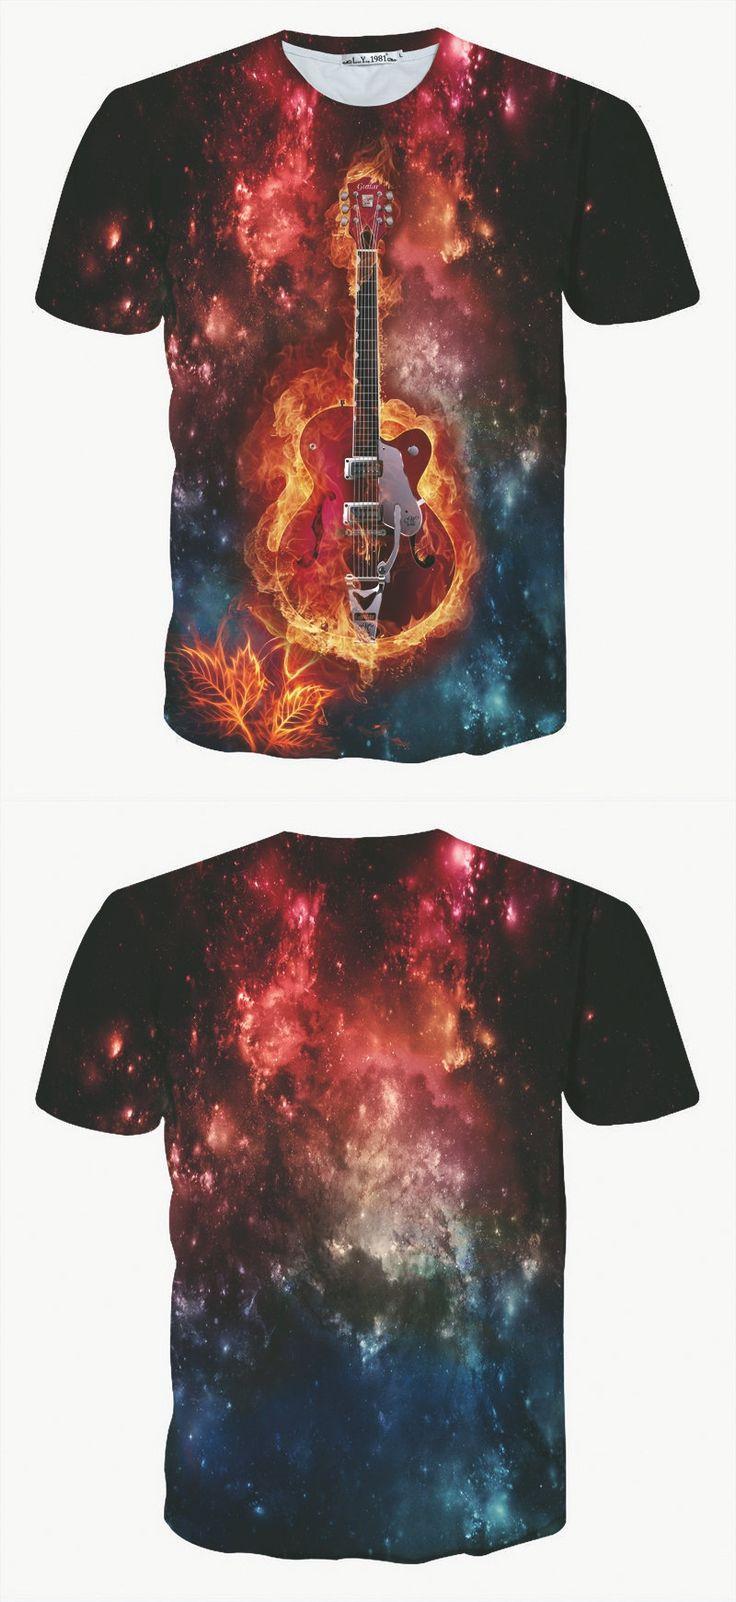 2017 Brand Clothing Slim T Shirt Men Metallica T-shirt 3D Rock Guitar Print Summer Hip Hop T-shirt Tops Tee